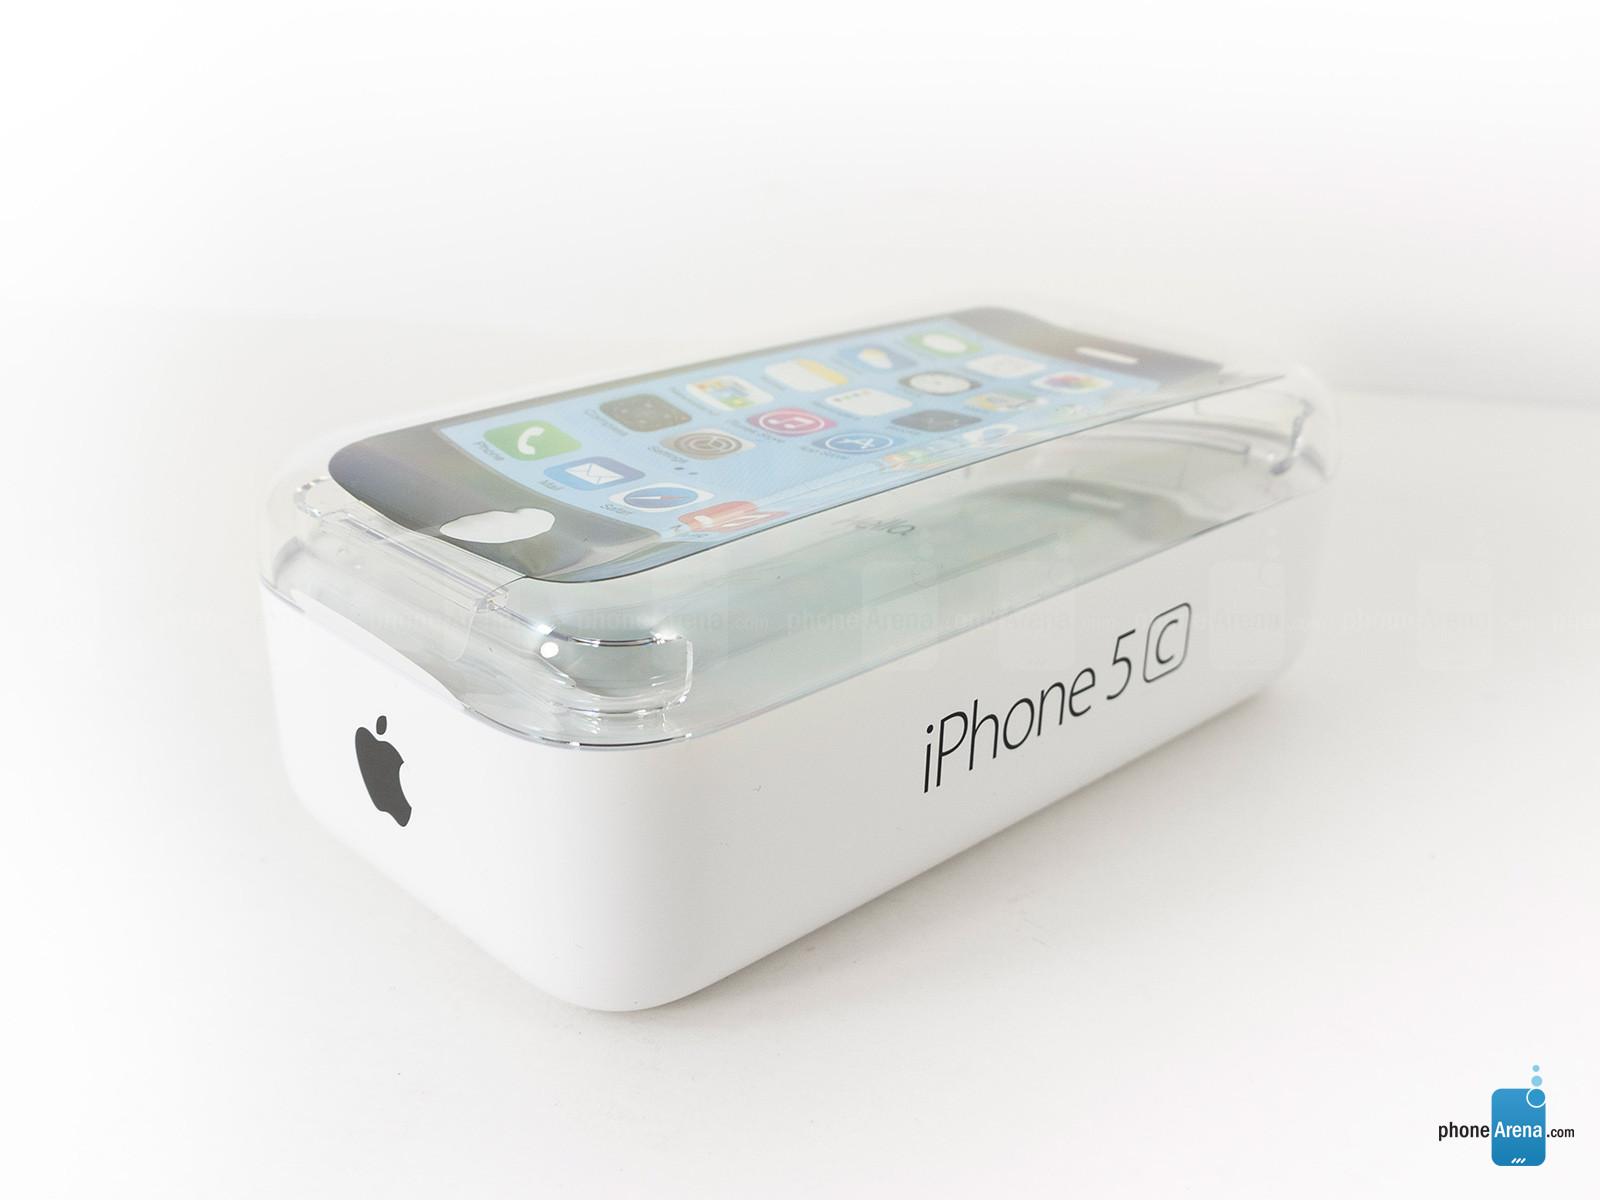 Apple iPhone 5c 6